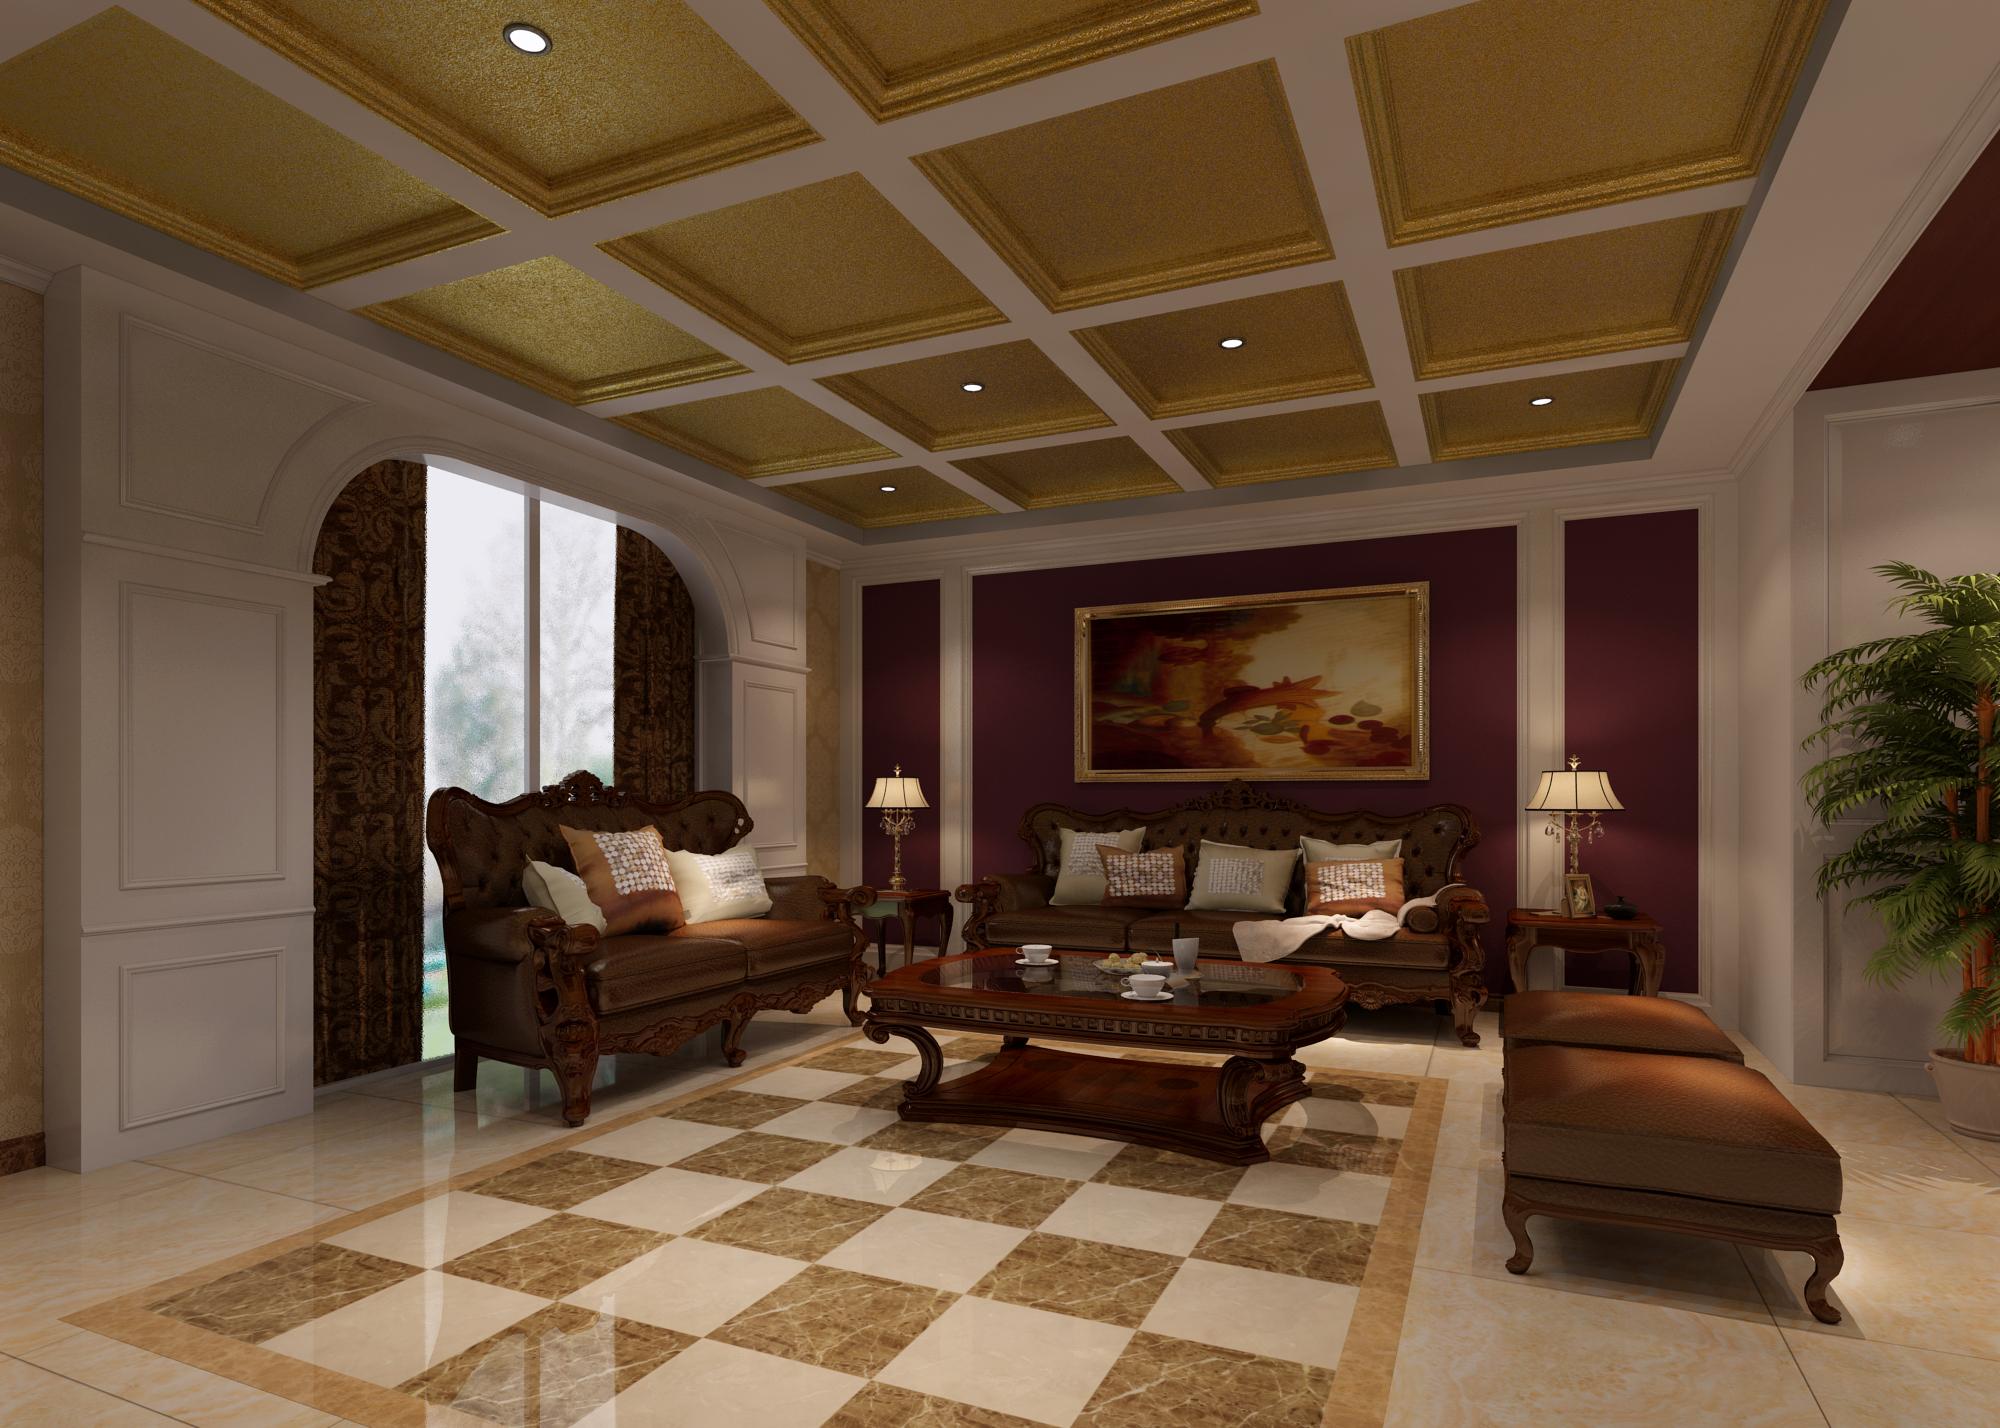 别墅 复式 客厅图片来自武汉一号家居网装修在金地圣爱米伦385平欧式复式洋房的分享